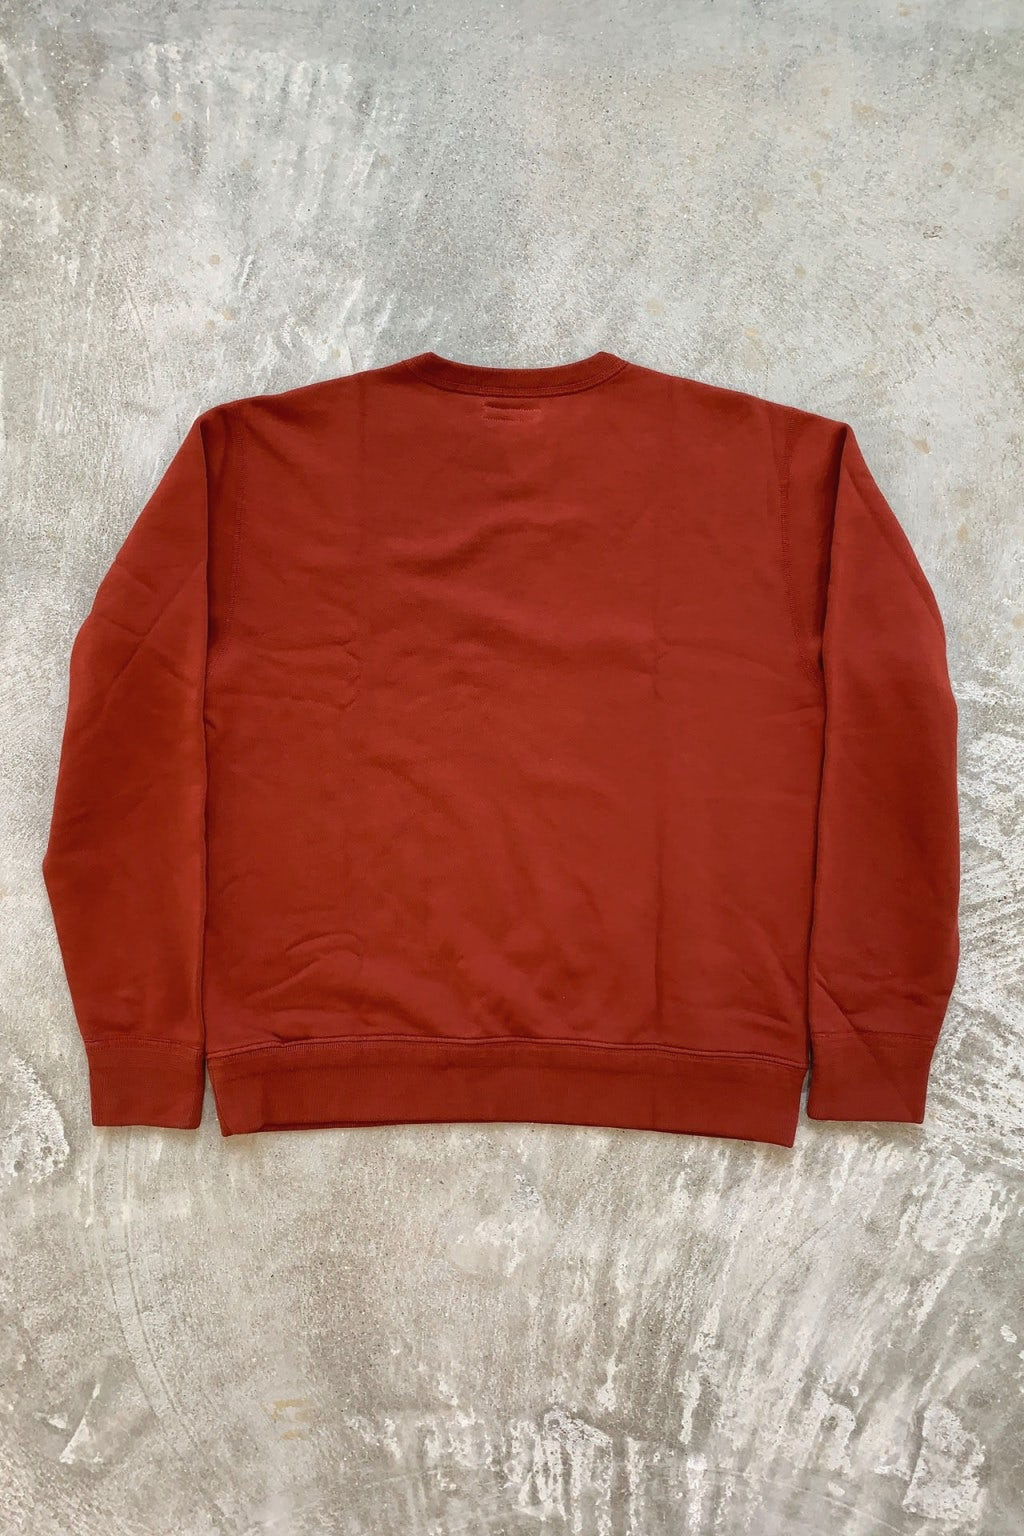 Lady White Co. 44 Fleece Red Ochre Sweatshirt